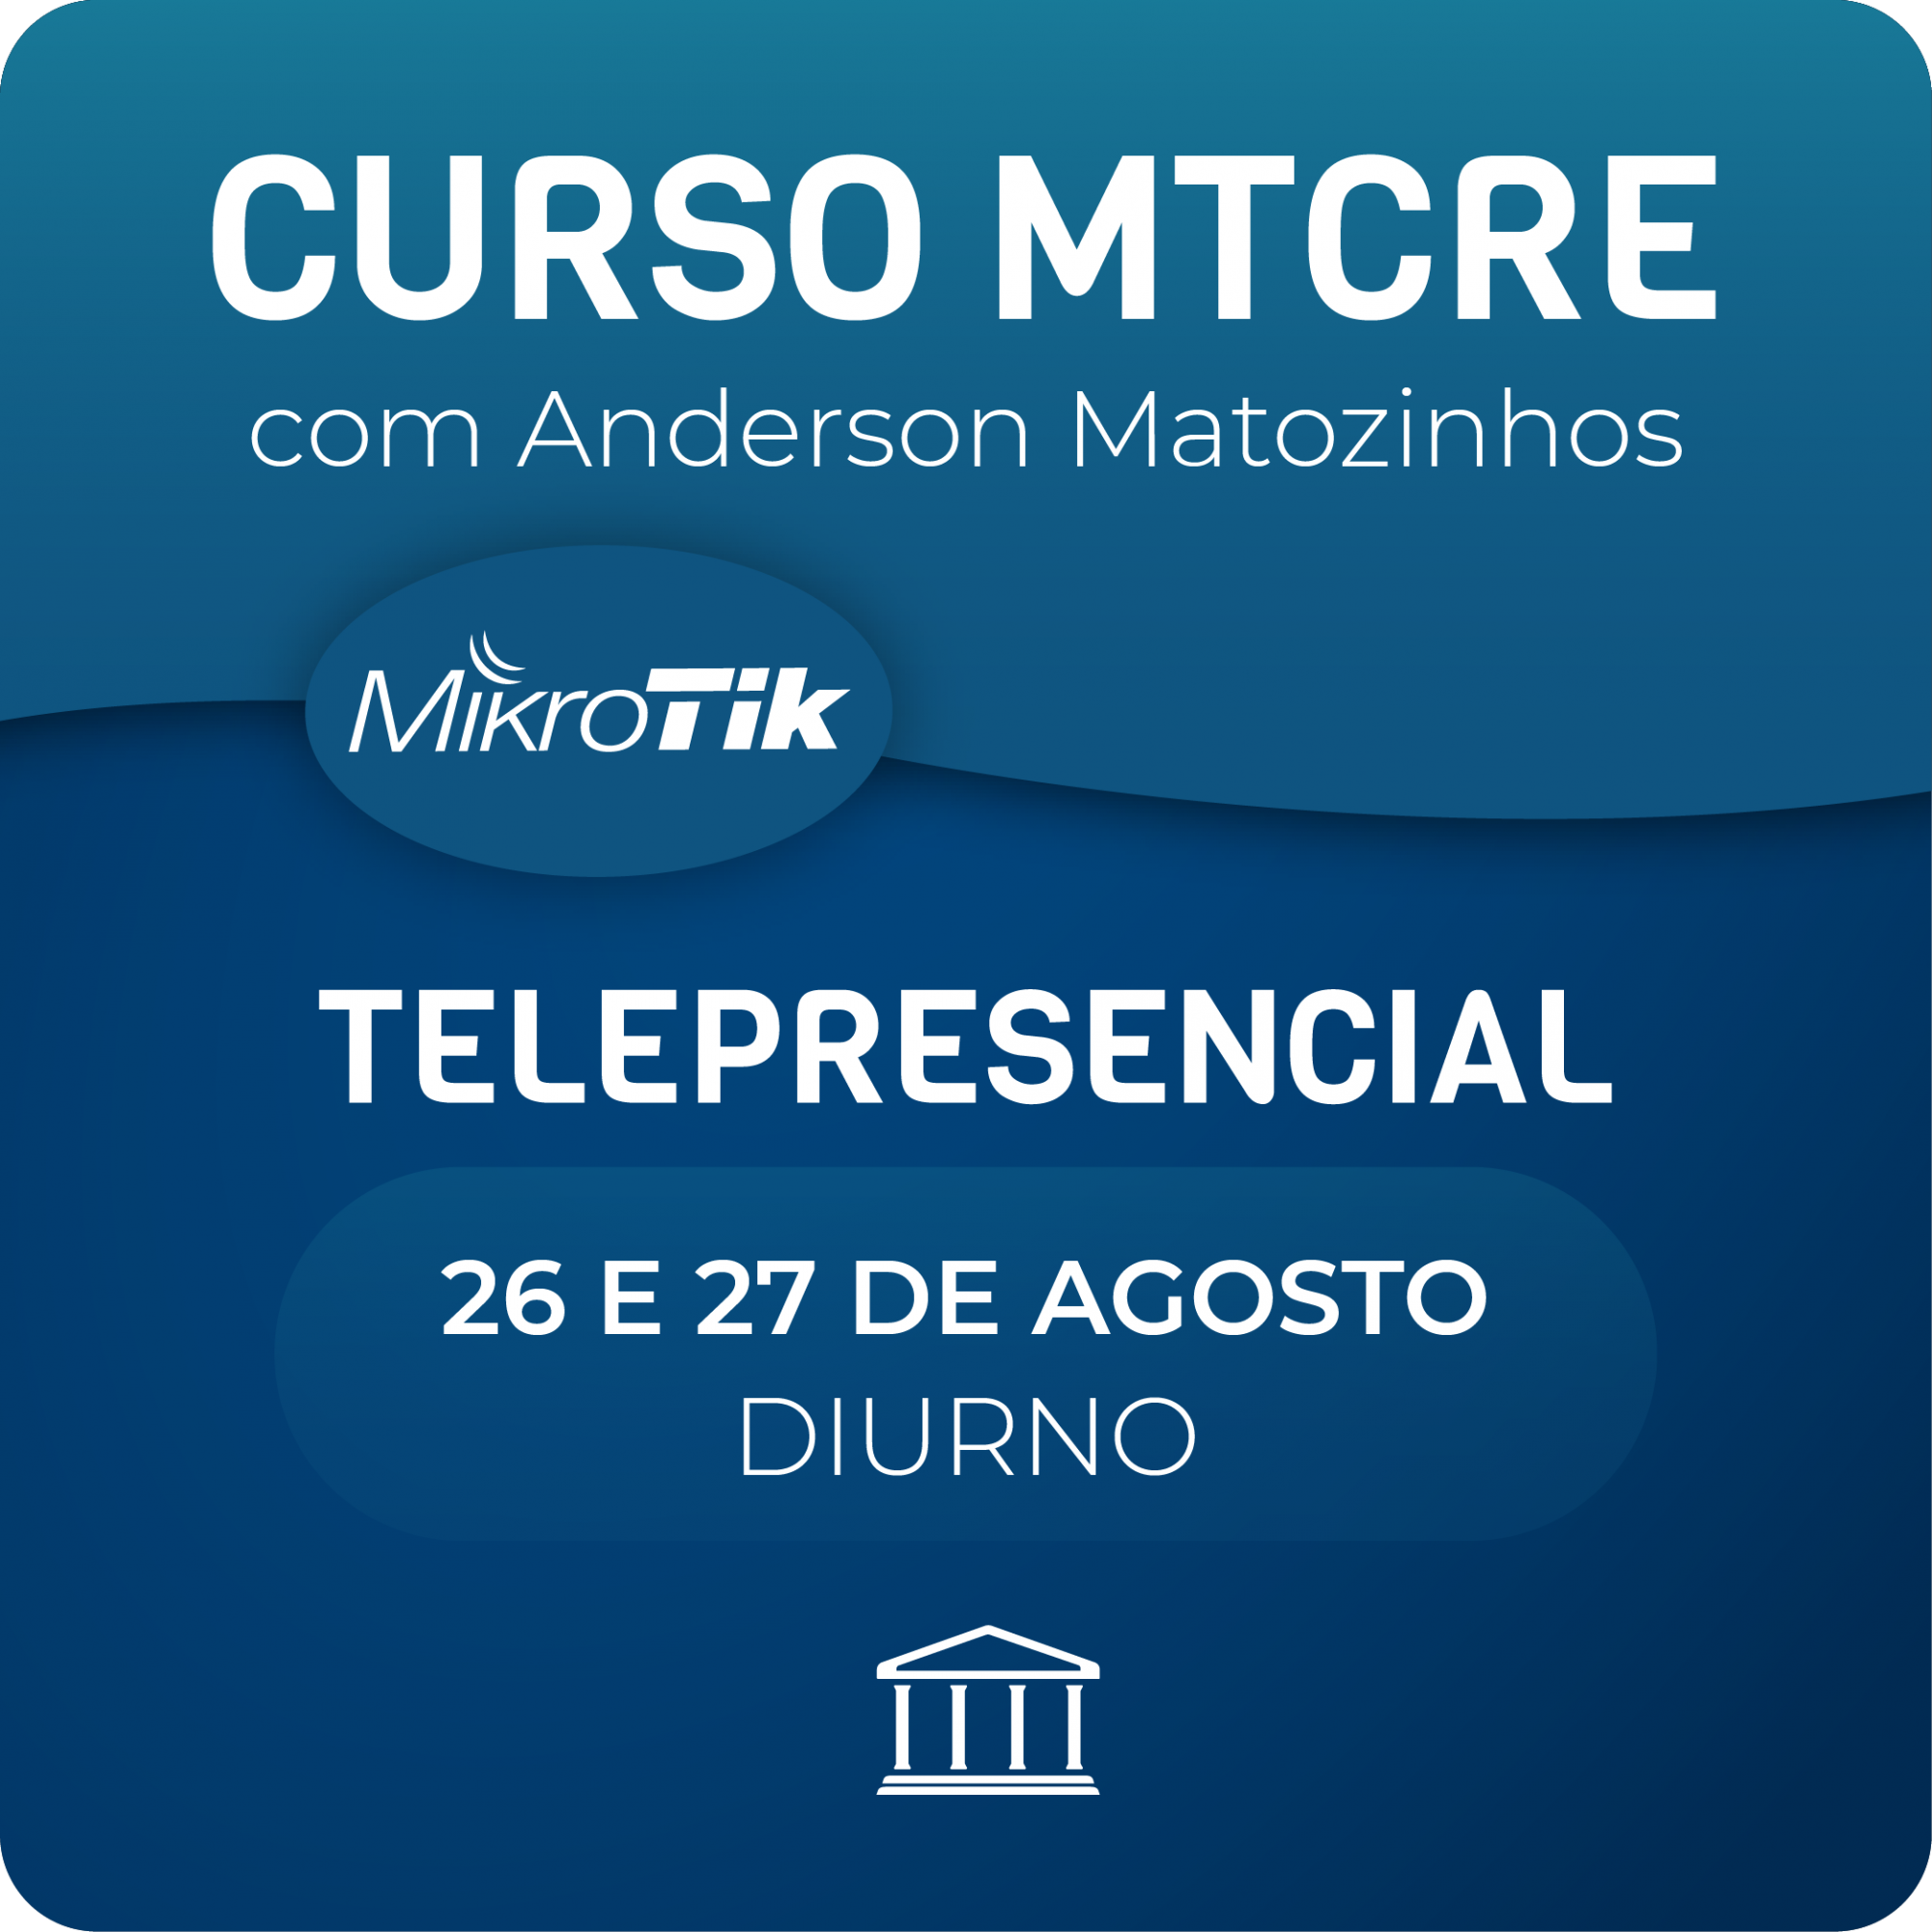 Curso MTCRE OFICIAL com Anderson Matozinhos - Telepresencial  - Voz e Dados Academy